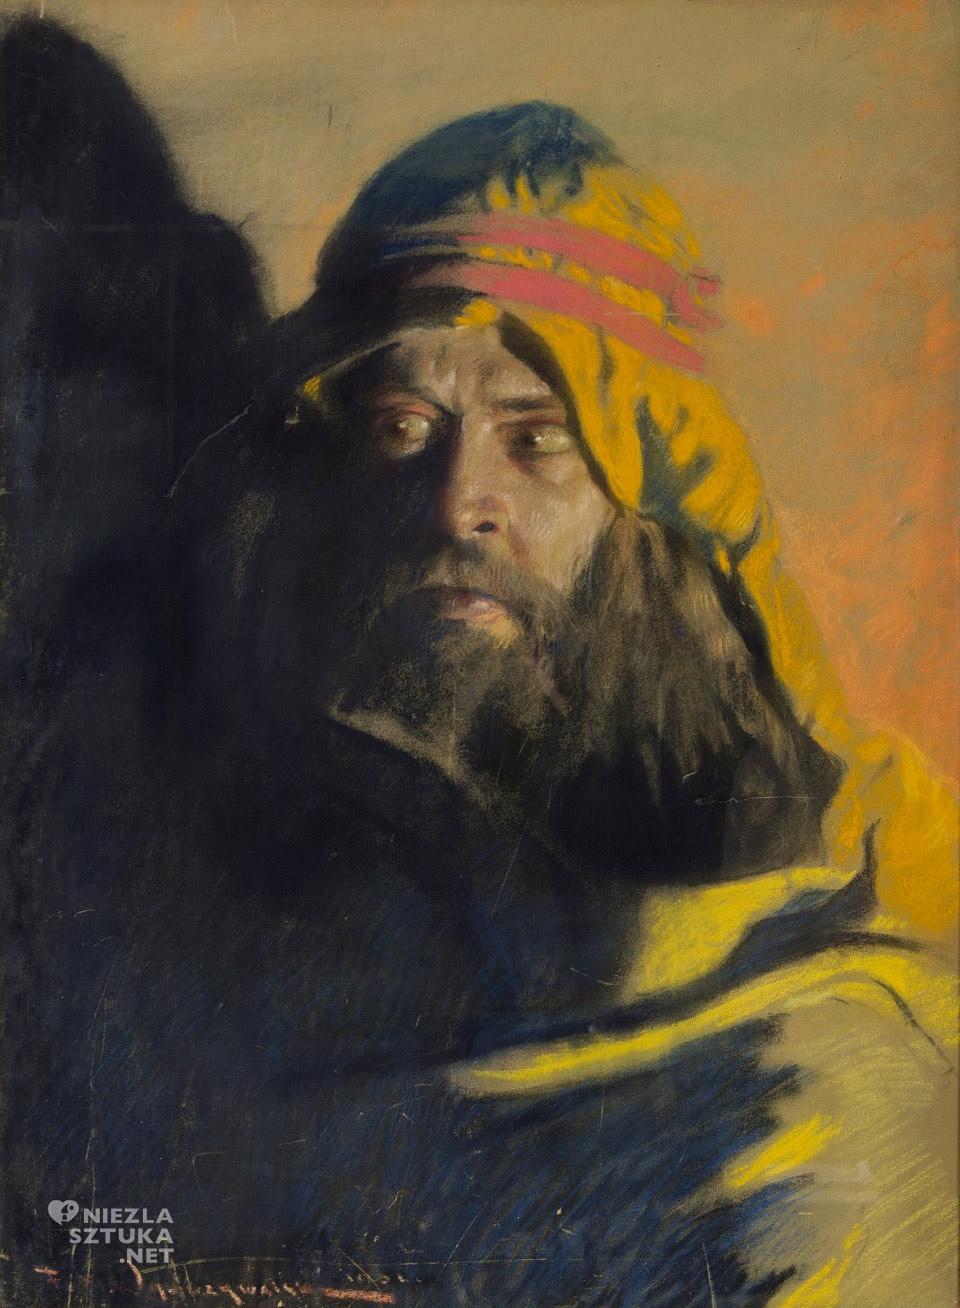 Feliks Michał Wygrzywalski, Autoportret, sztuka polska, Niezła sztuka